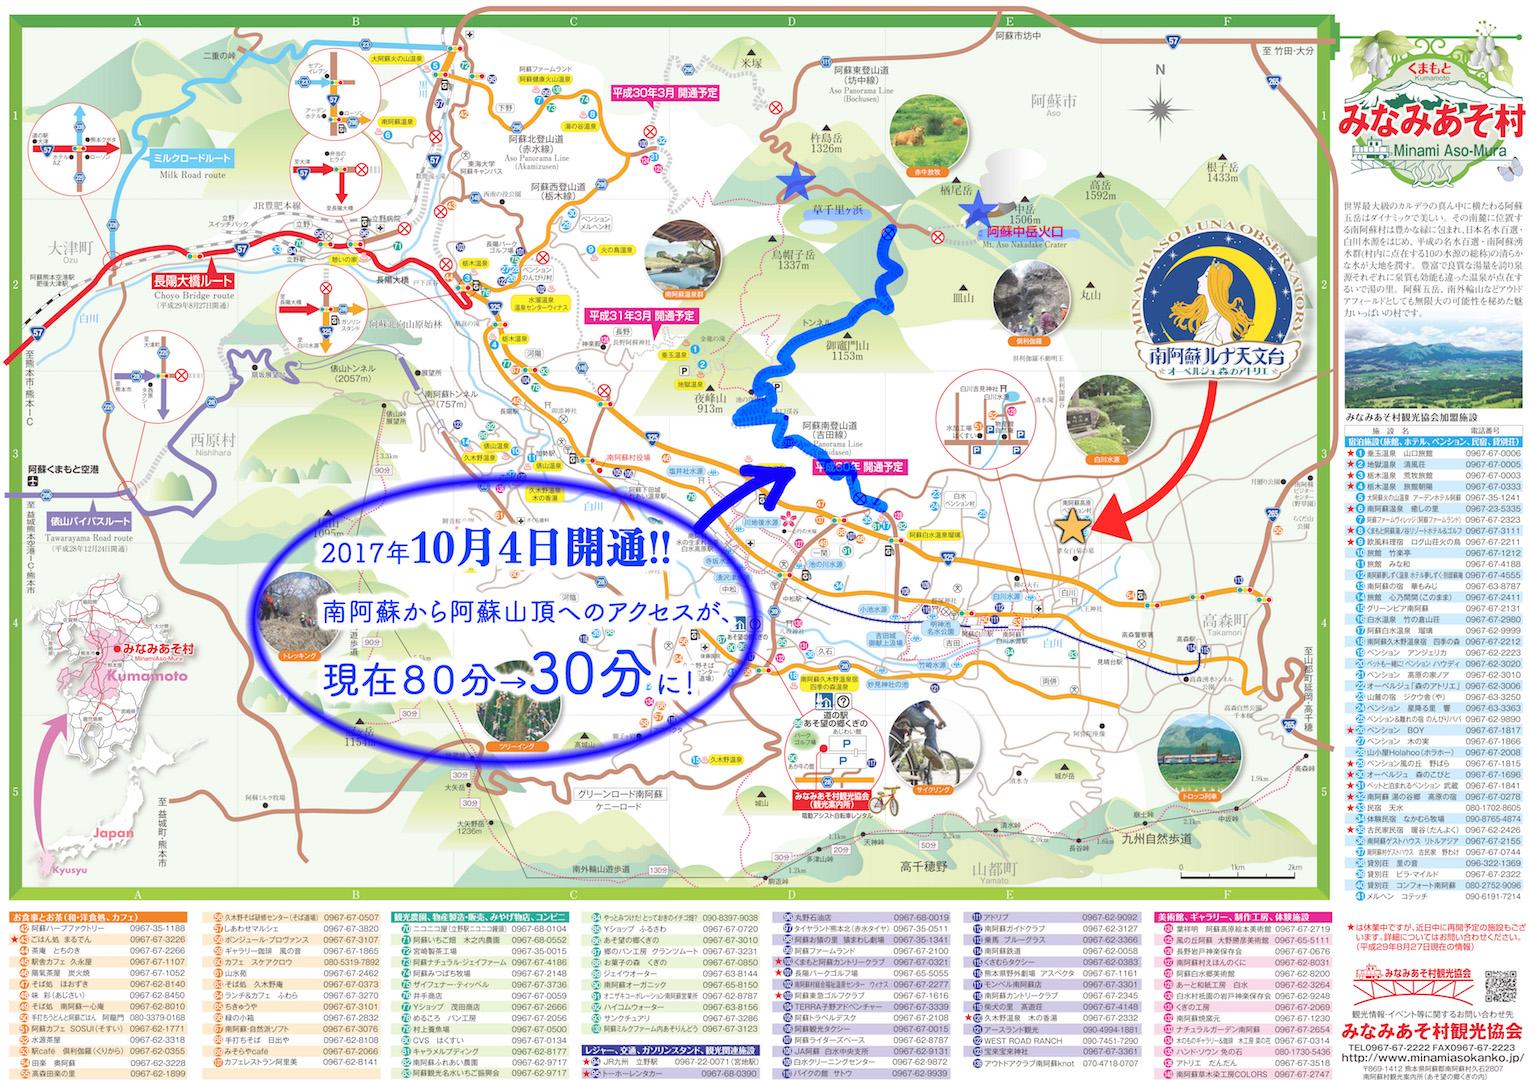 阿蘇南登山道(吉田線) 10月4日開通